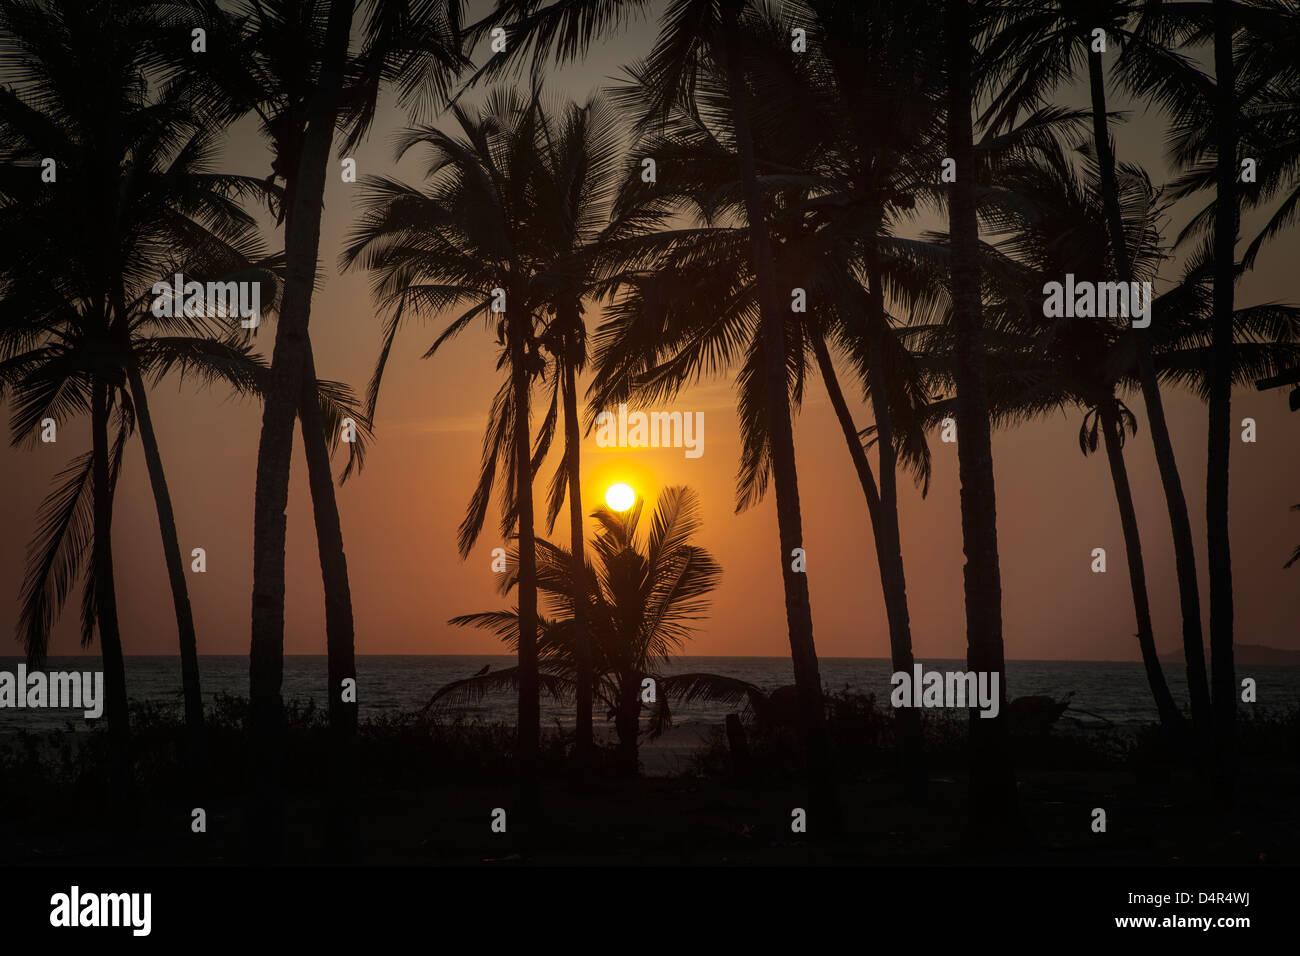 Atardecer en la playa Arossim, en el sur de Goa, India. Siluetas de palmeras. Imagen De Stock